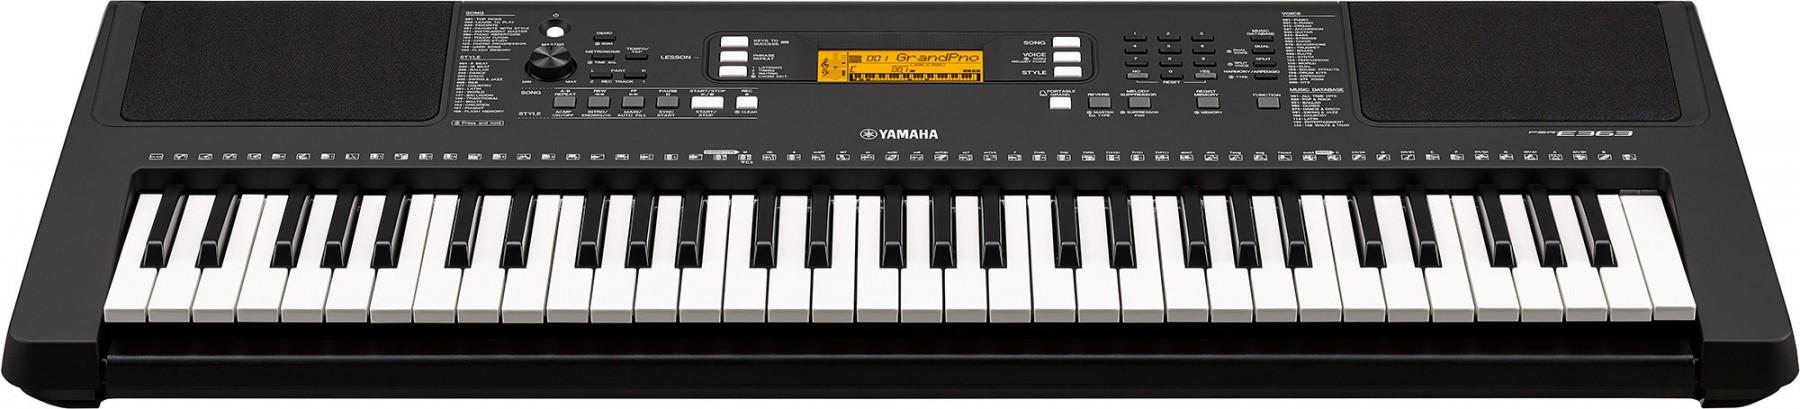 Yamaha psr e363 for Yamaha psr ew300 keyboard